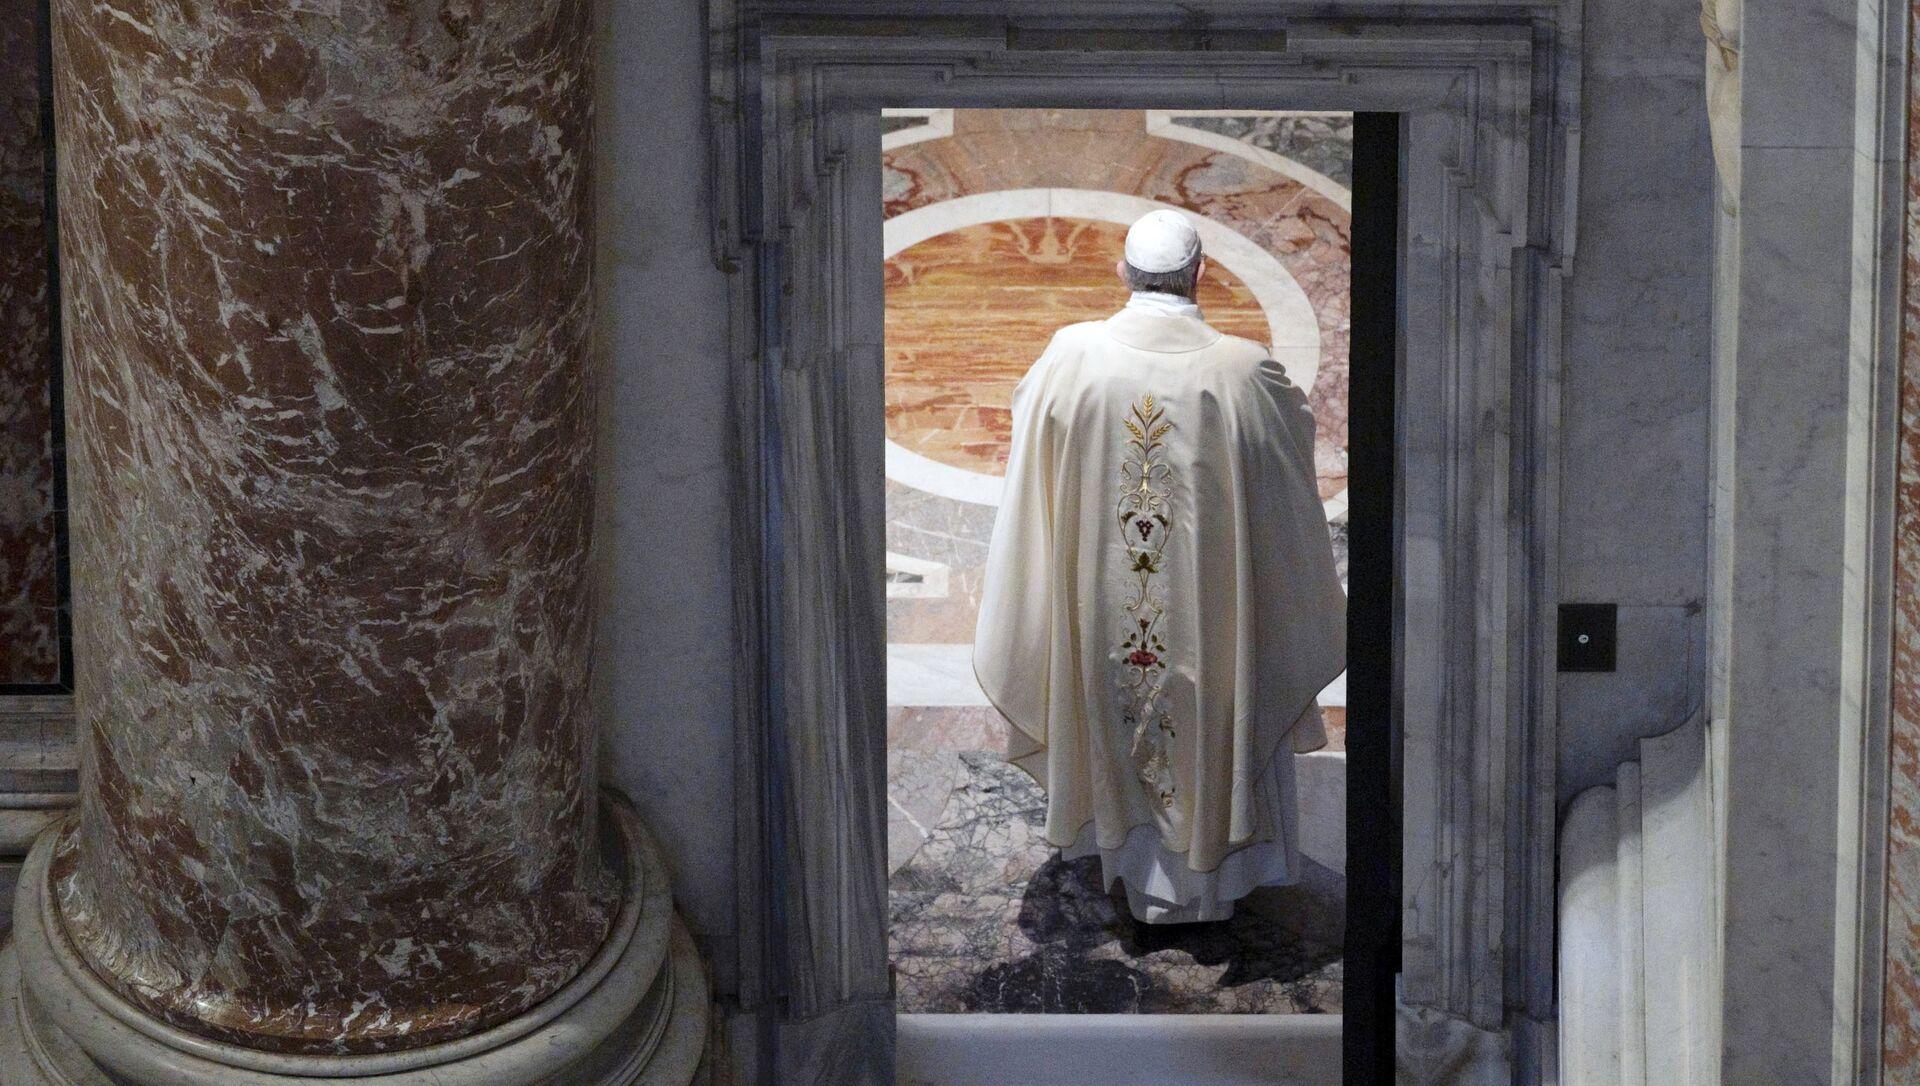 Papież Franciszek w Bazylice św. Piotra w Watykanie - Sputnik Polska, 1920, 29.05.2021